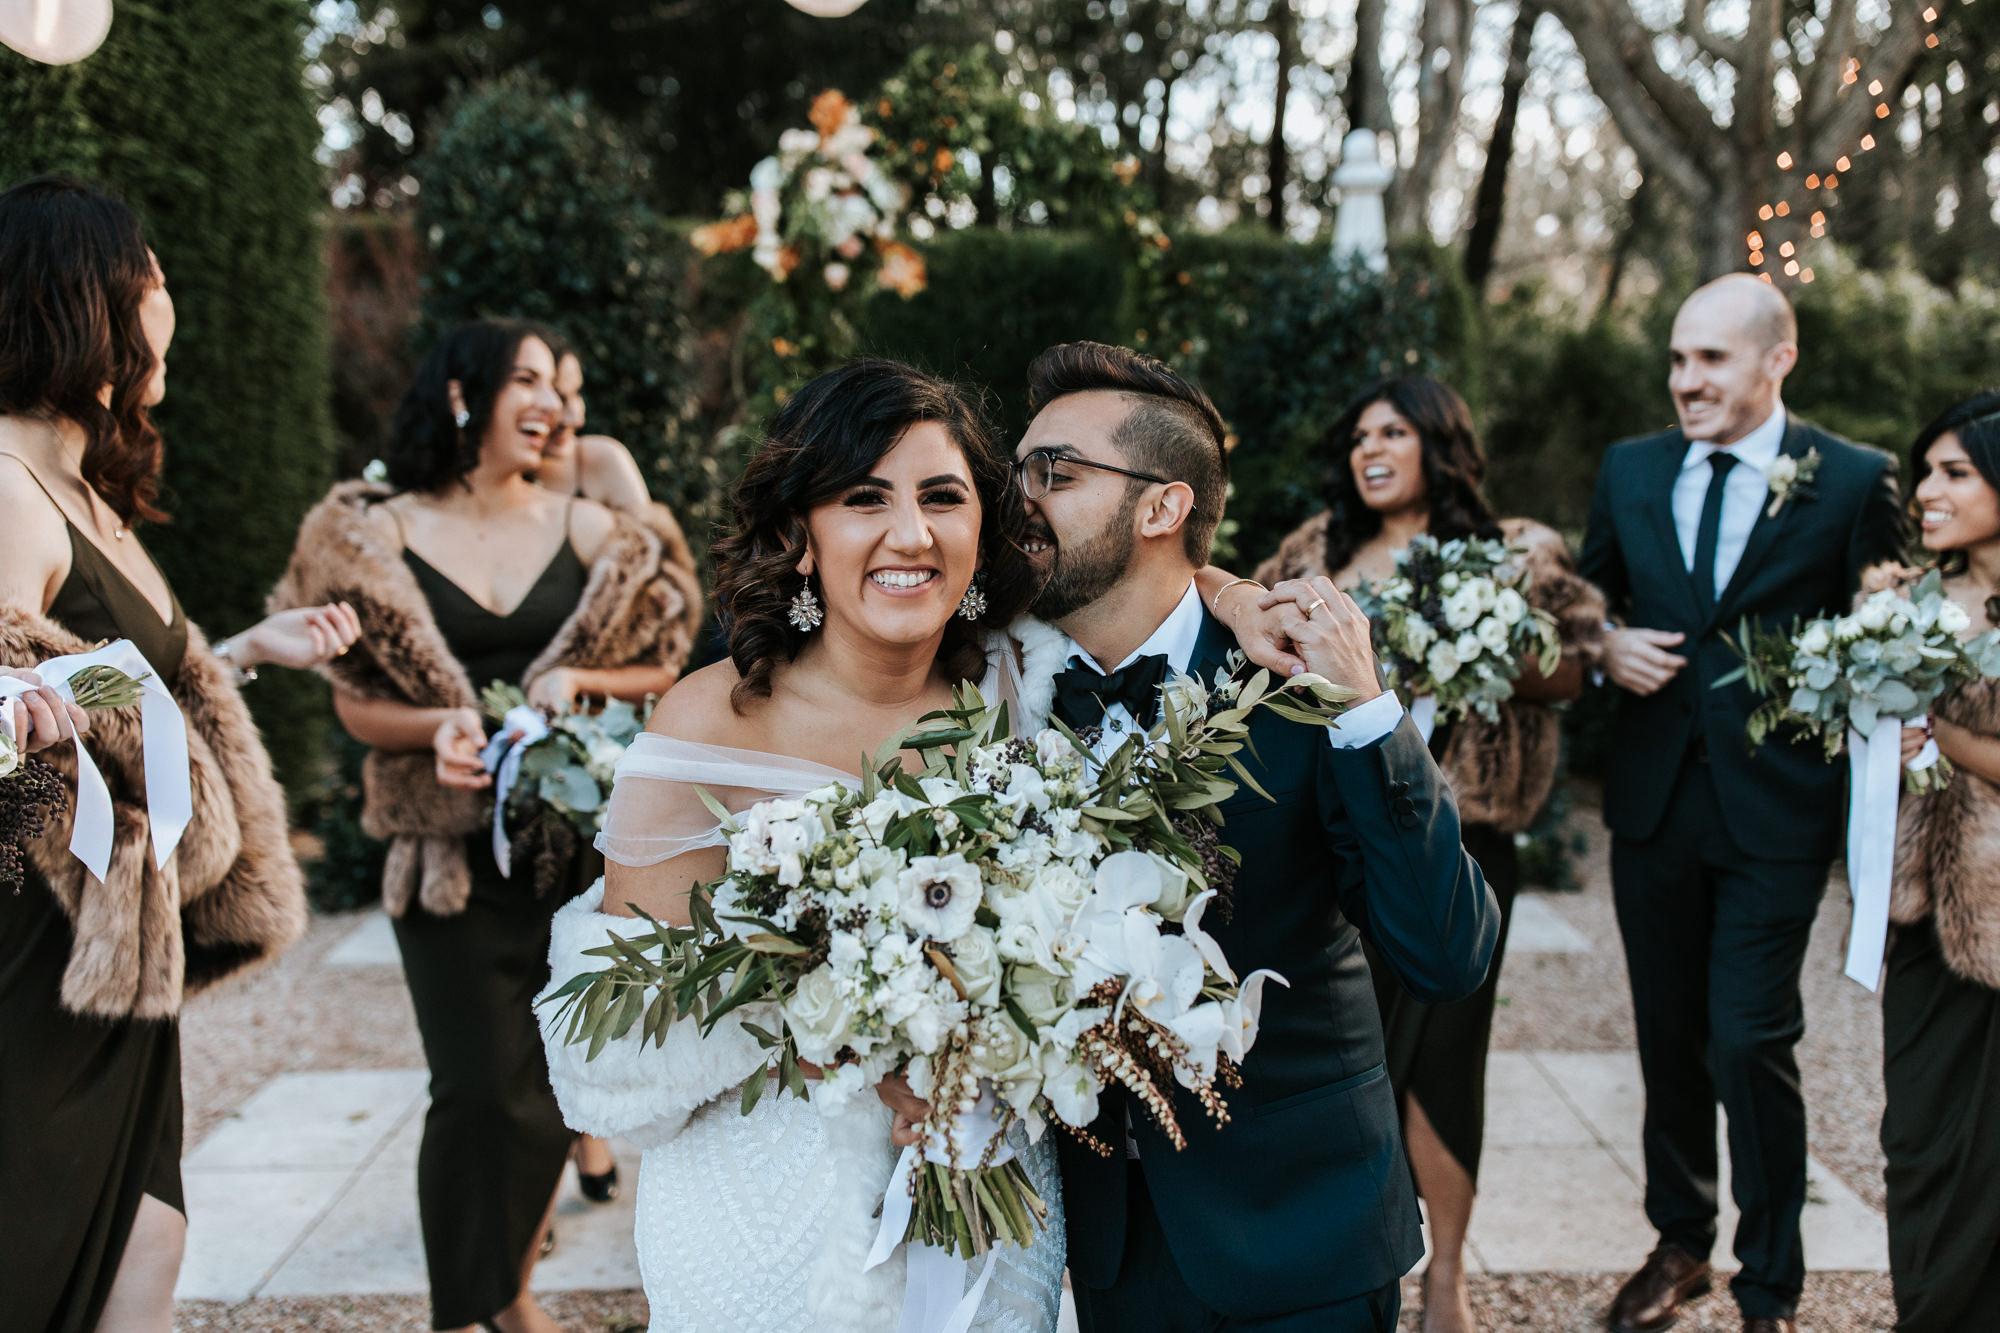 amani-rish-jaspers-wedding-9.jpg